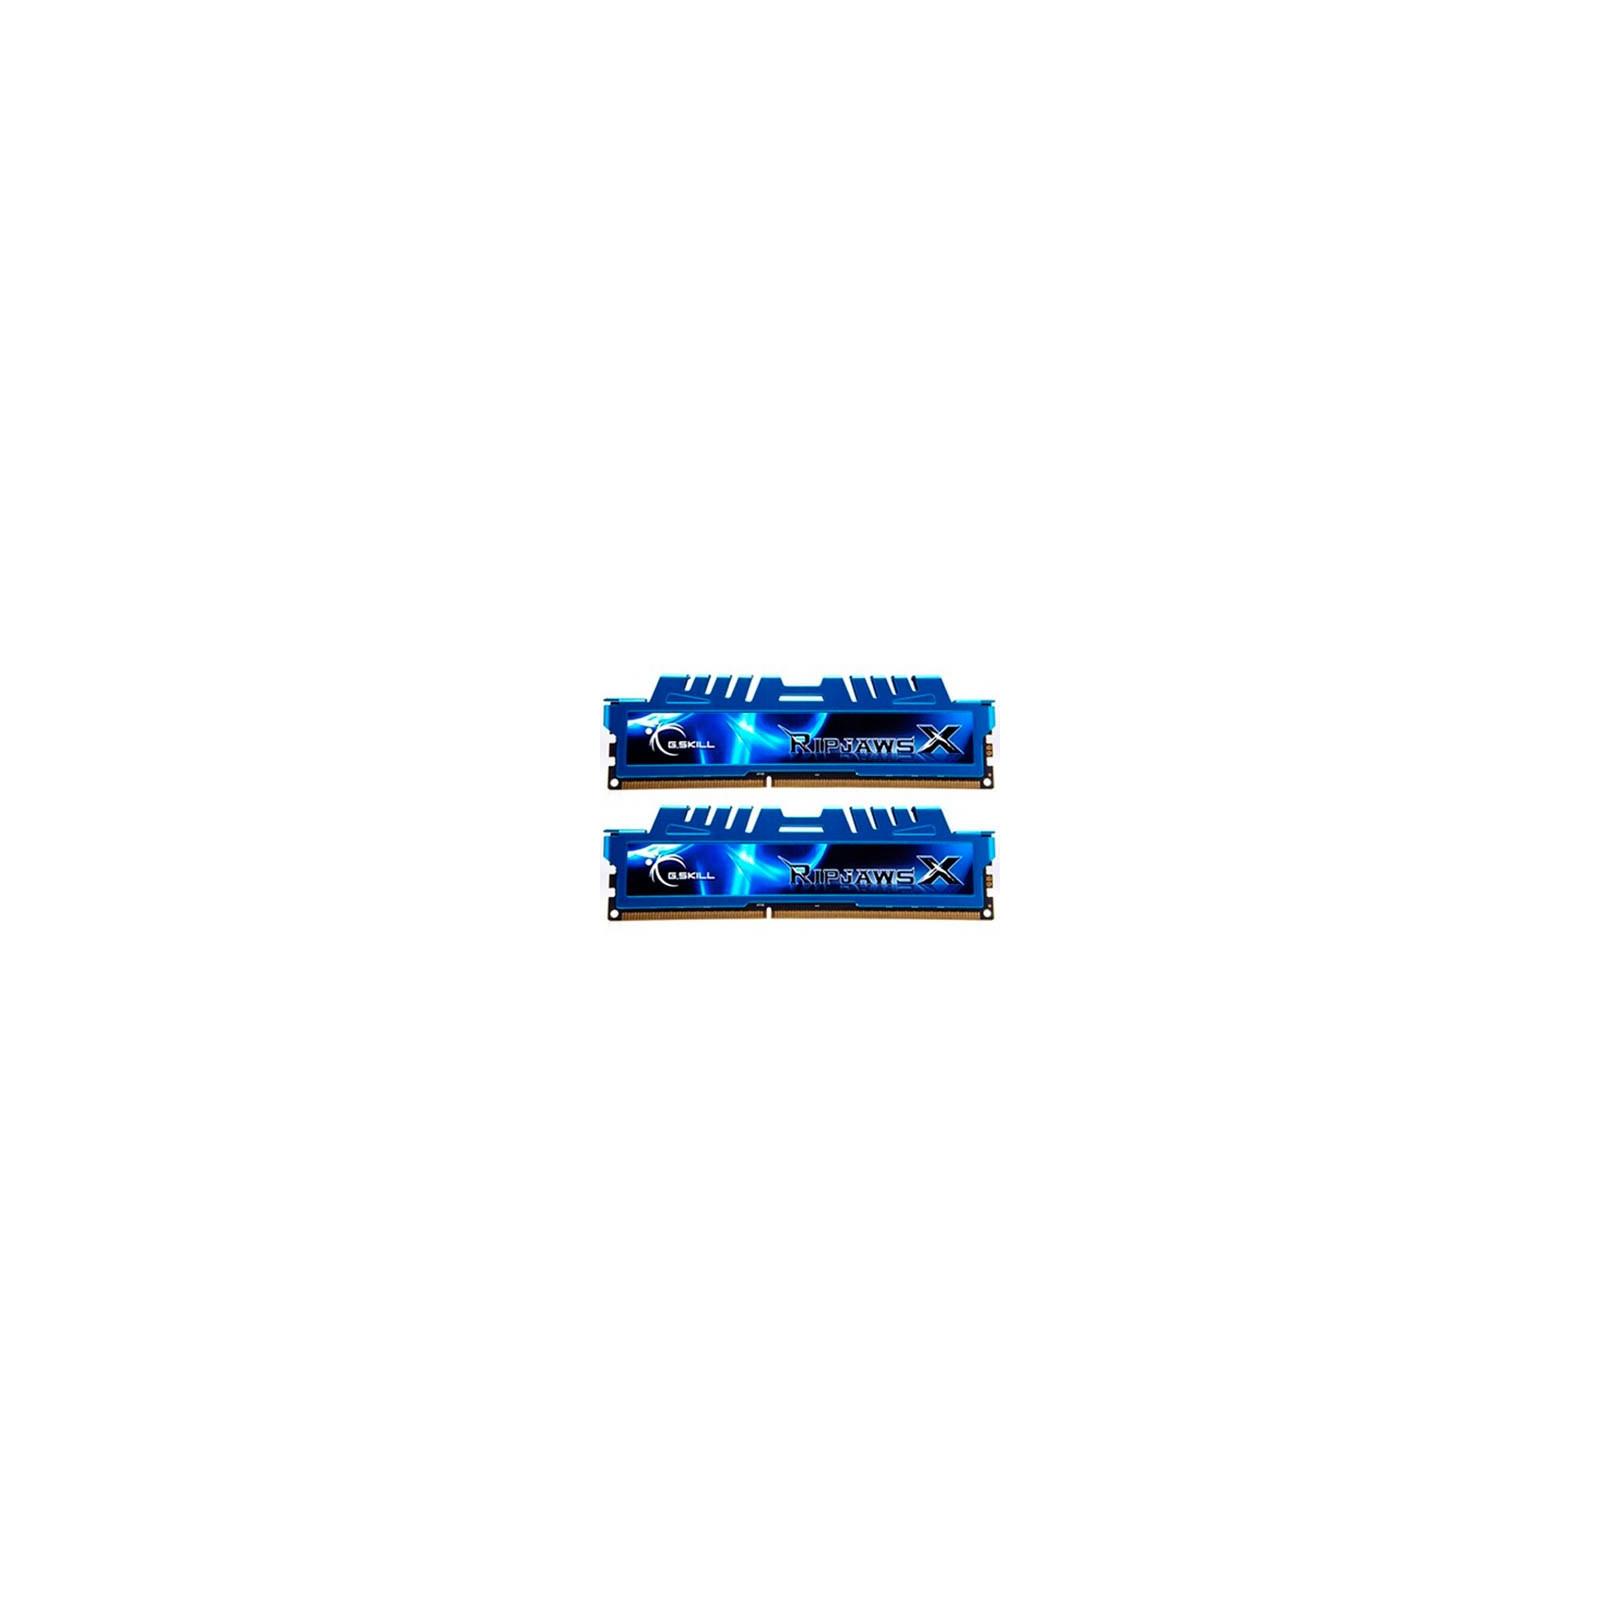 Модуль памяти для компьютера DDR3 16GB (2x8GB) 2133 MHz G.Skill (F3-2133C10D-16GXM)